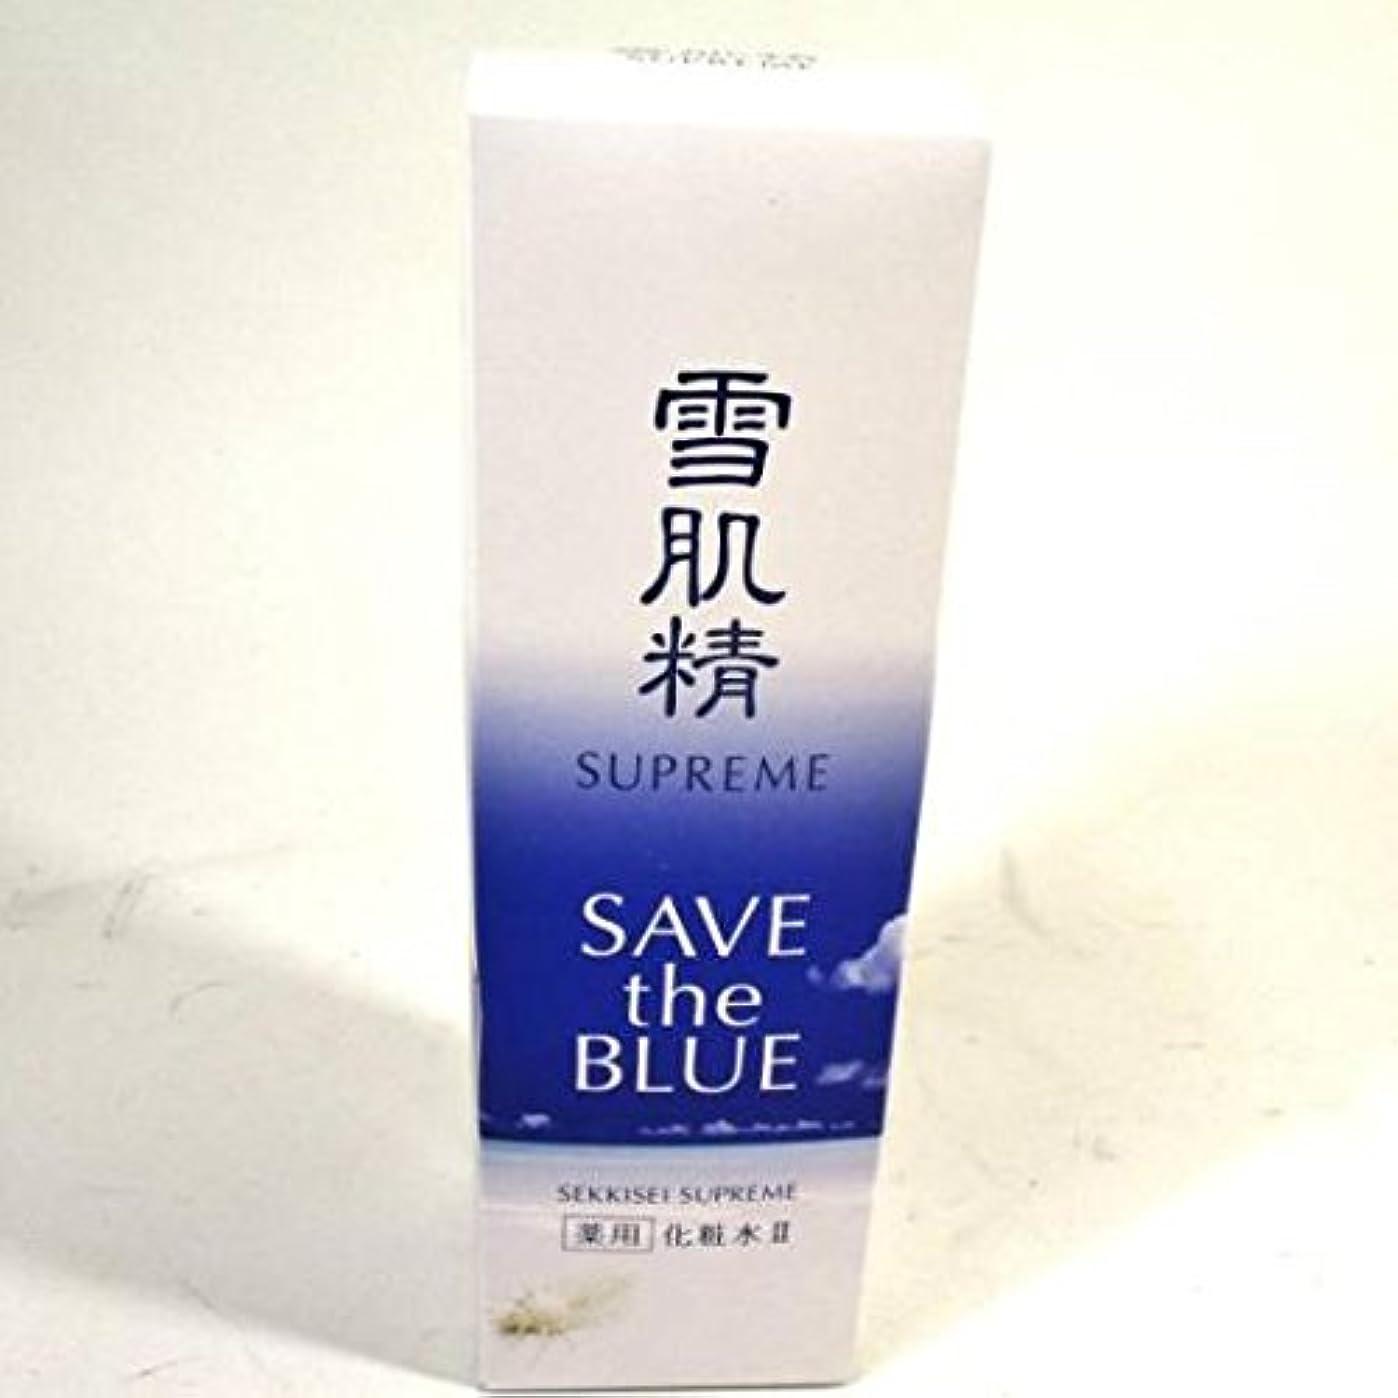 誤解を招くサミュエル透明にコーセー 雪肌精 シュープレム 化粧水 Ⅱ 「SAVE the BLUE」 400ml